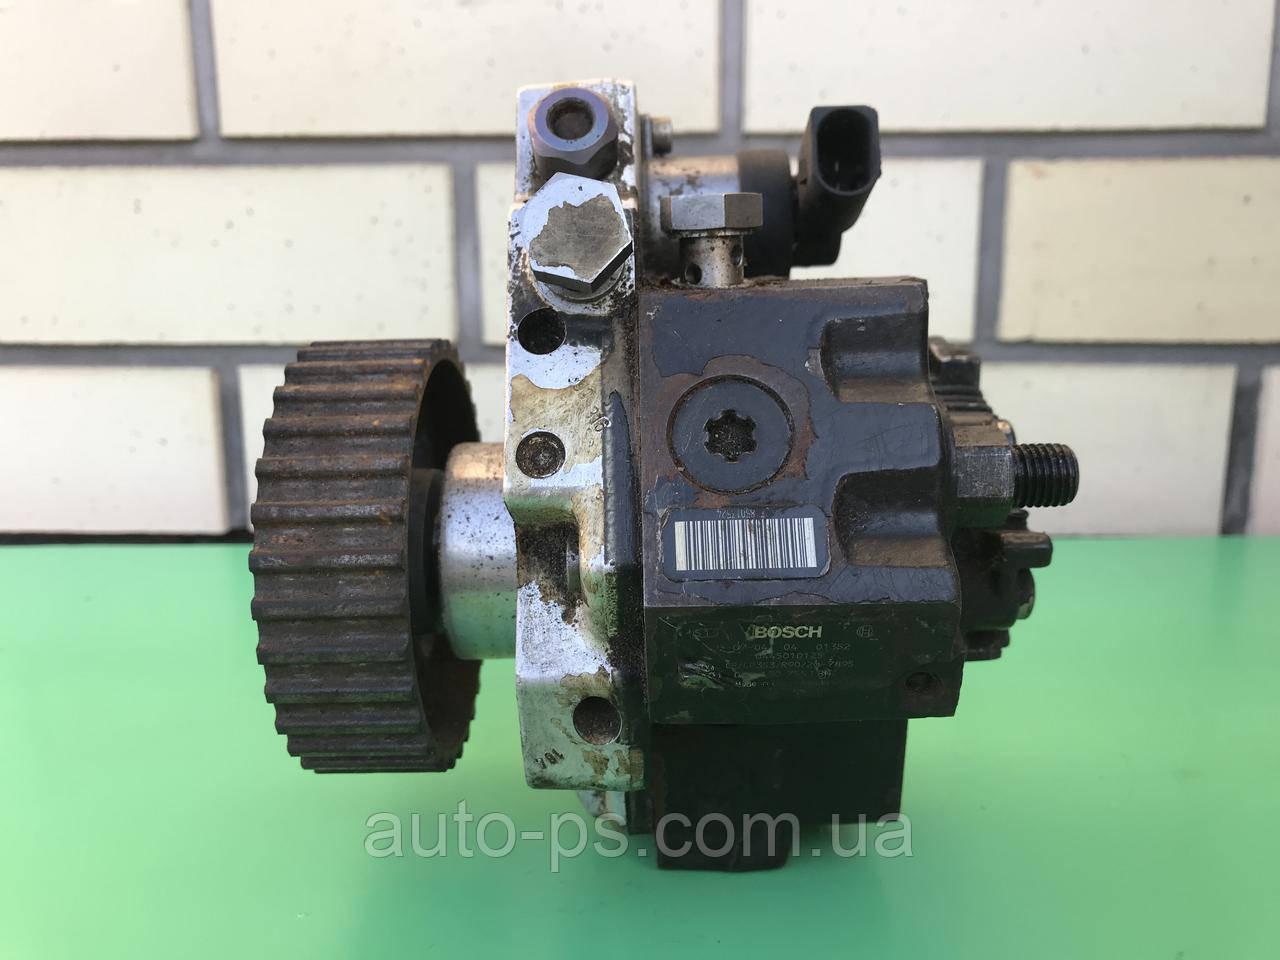 Топливный насос высокого давления (ТНВД) Volkswagen Crafter 2.5TDI 2006-2011 год.